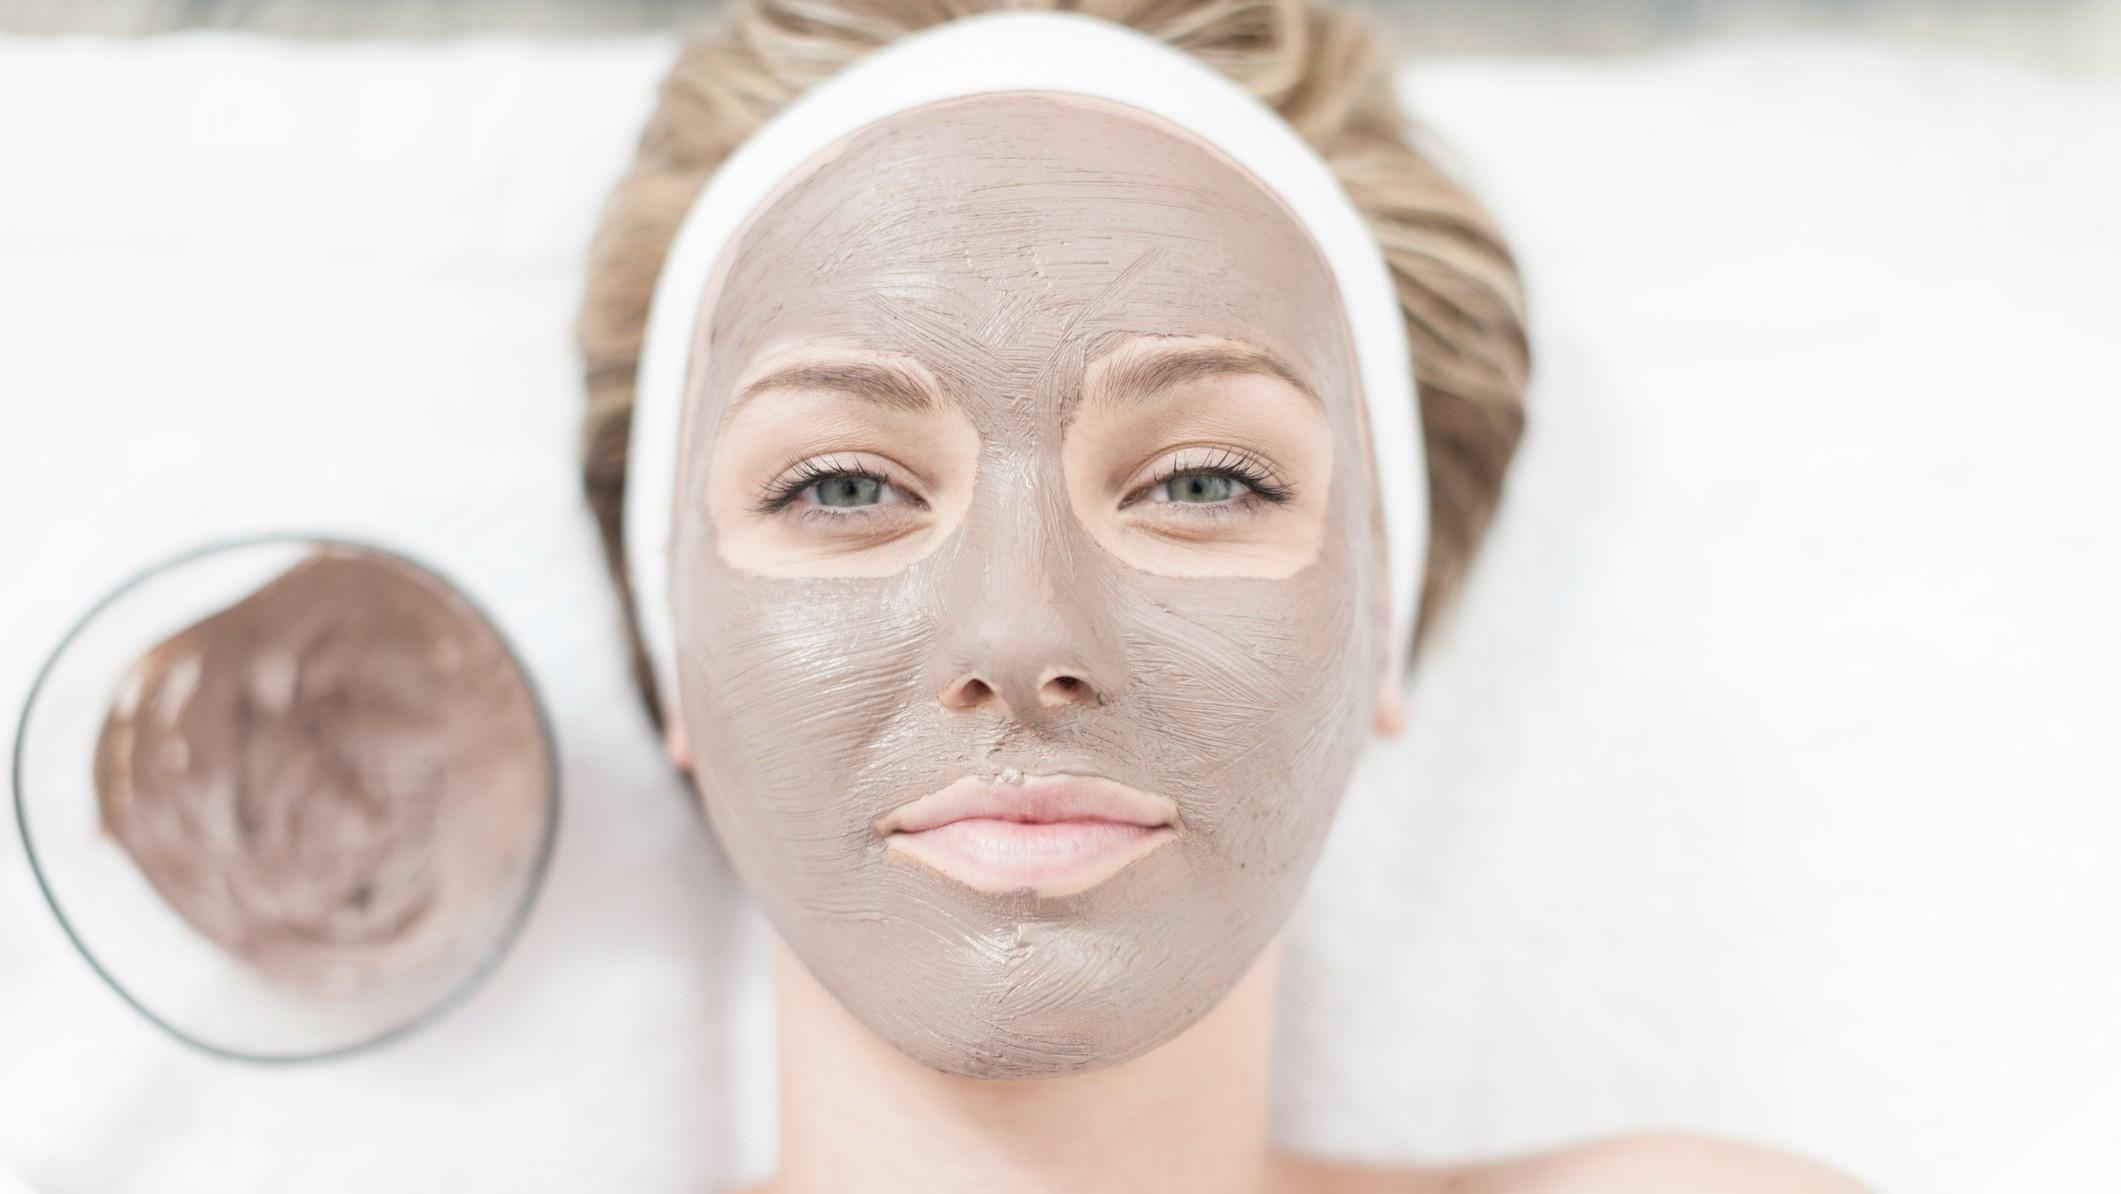 بهترین ماسک های صورت برای پوست زیبا